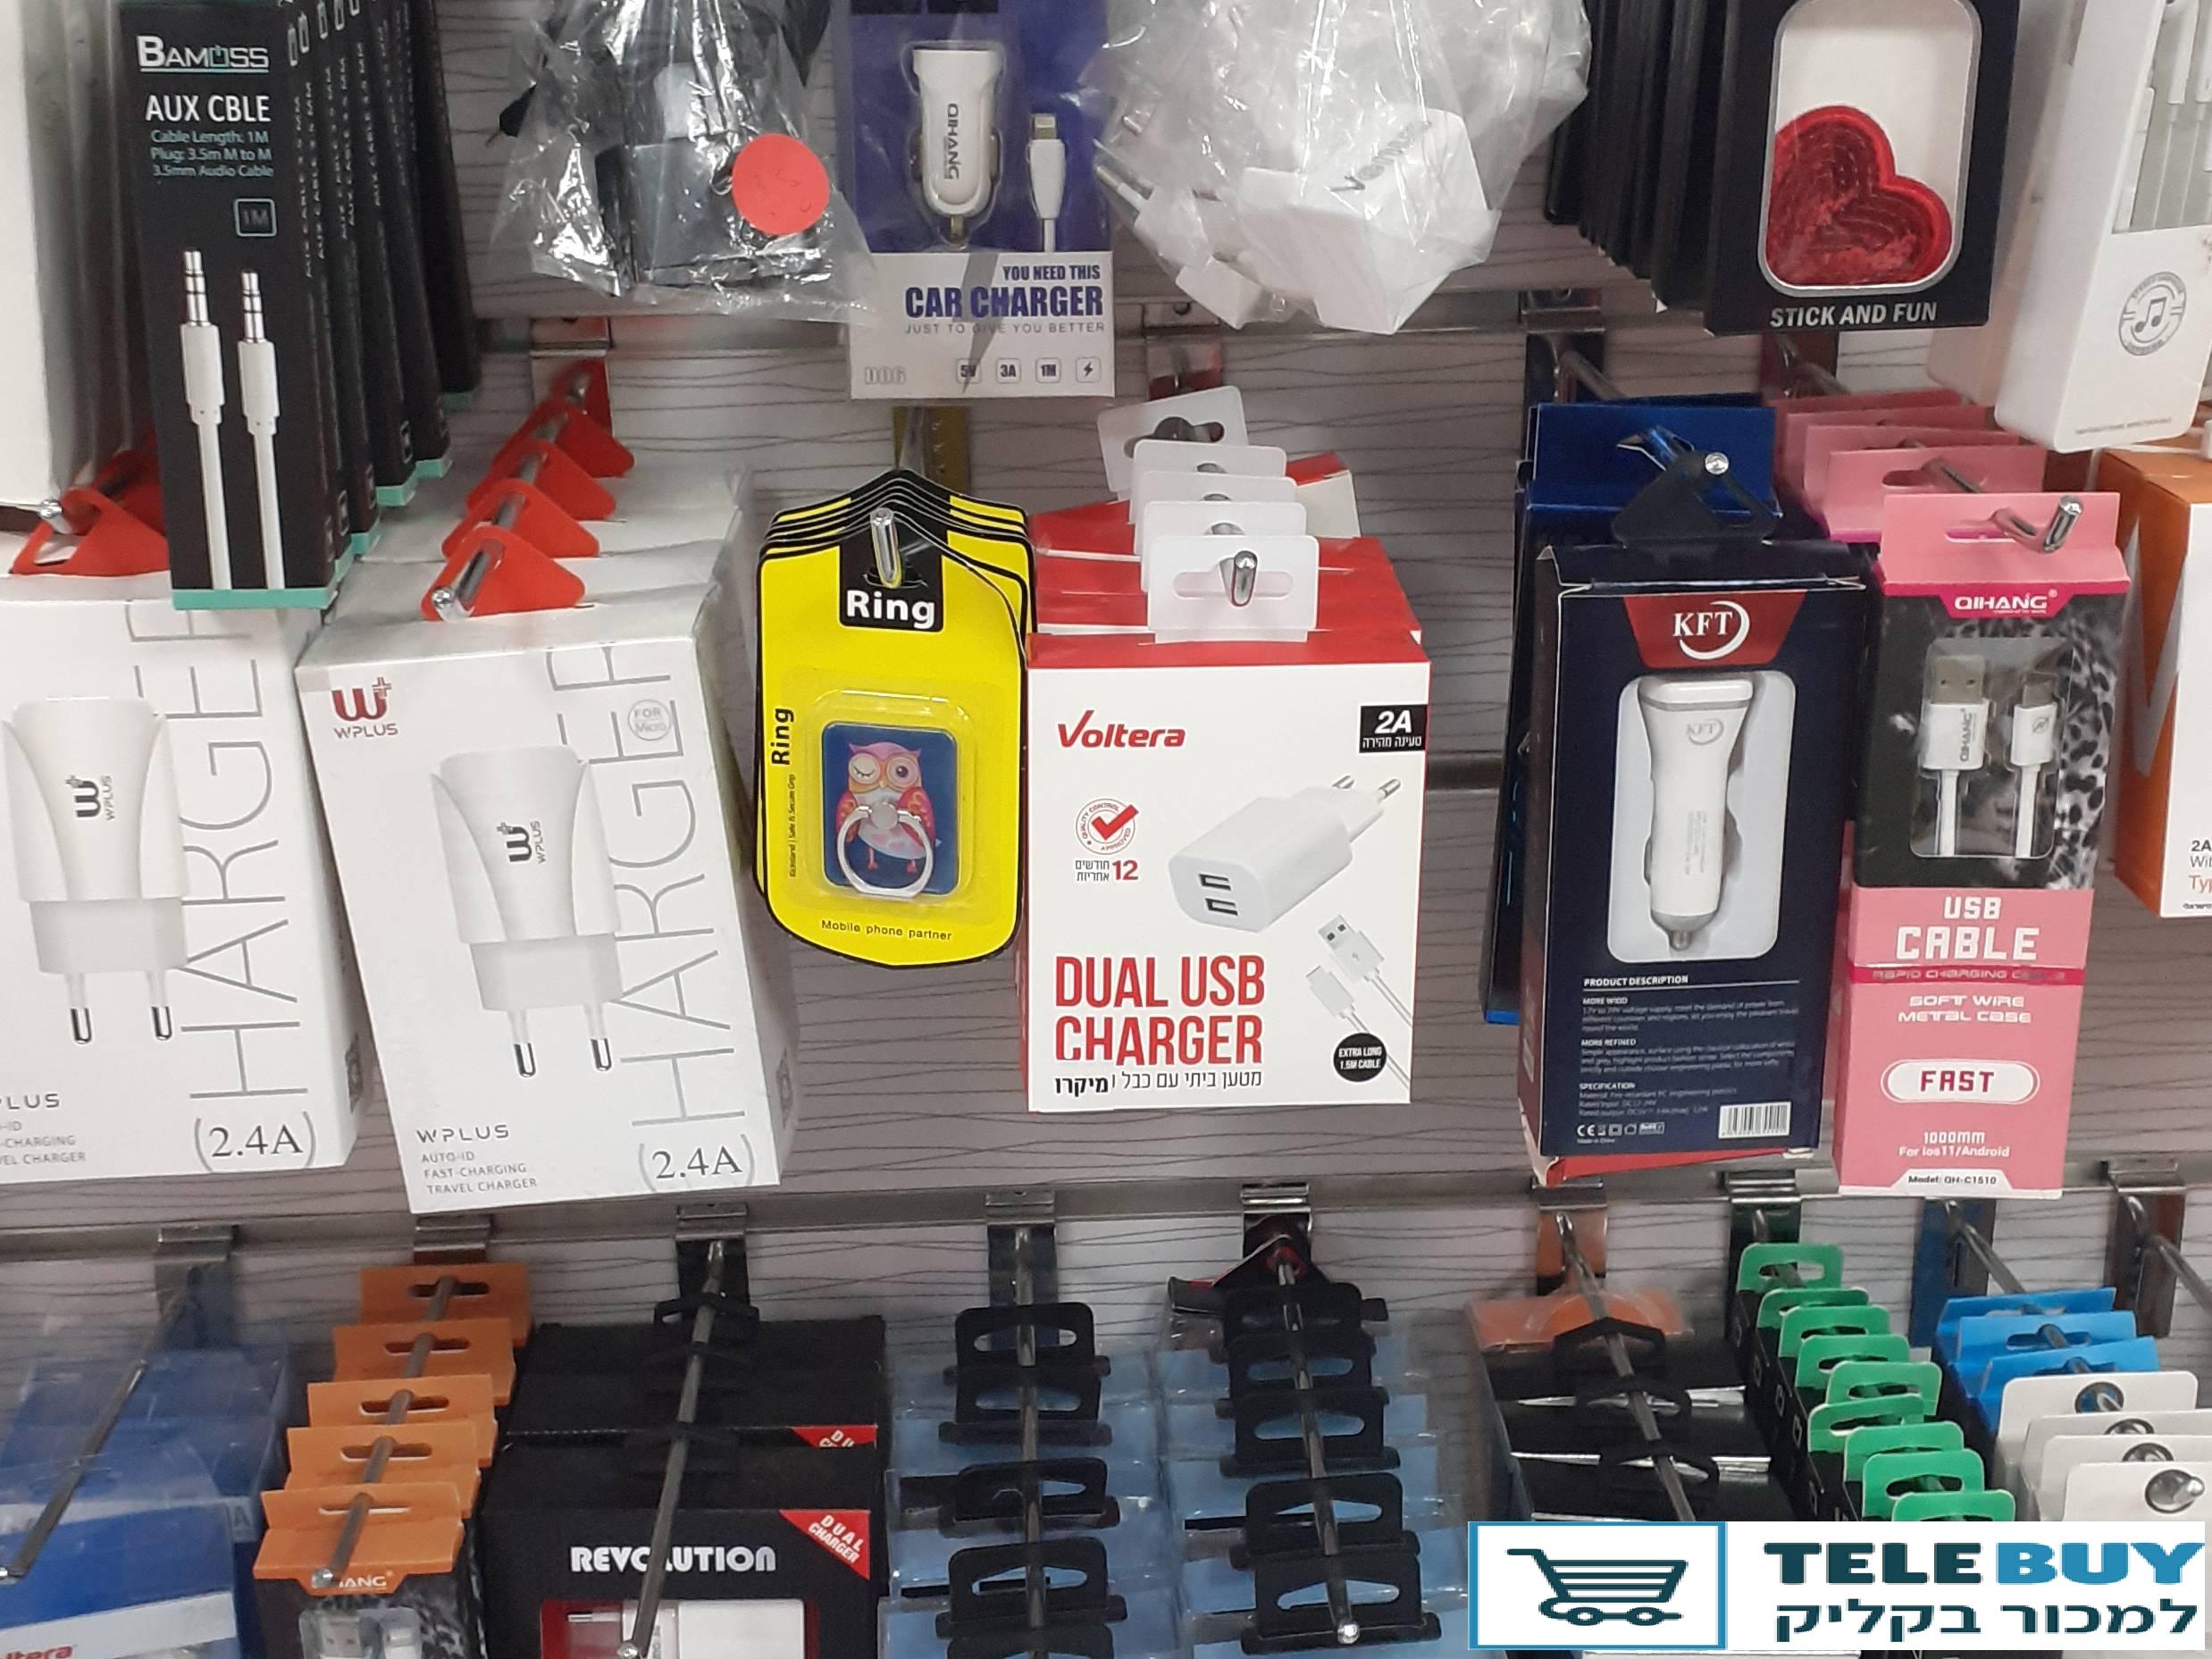 סלולרי אביזרים לסלולרי מטענים מטענים לבית(מטען קיר) בכרמיאל והסביבה